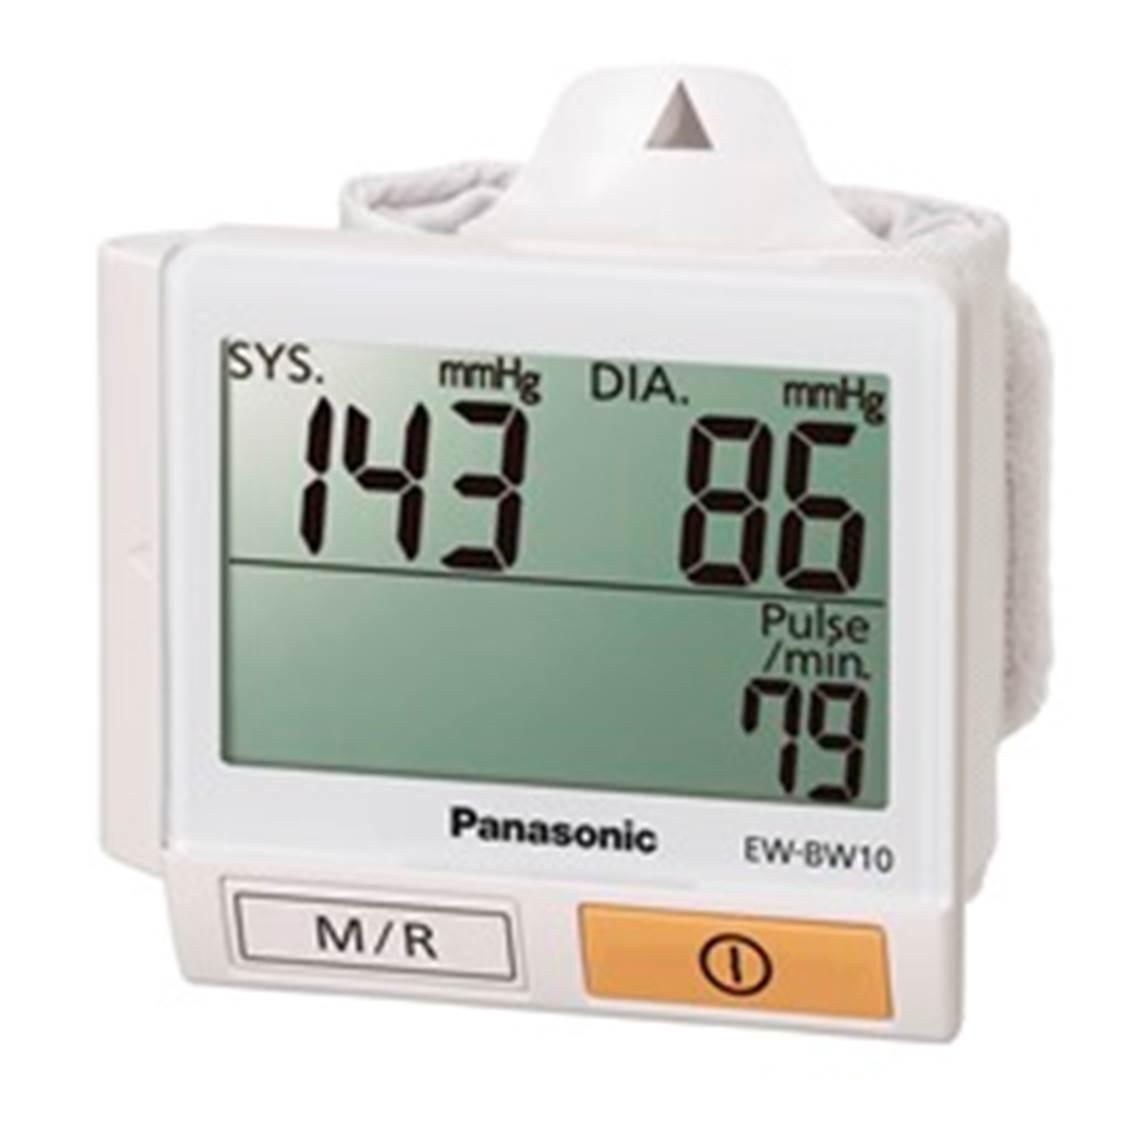 樂聲手腕式電子血壓計